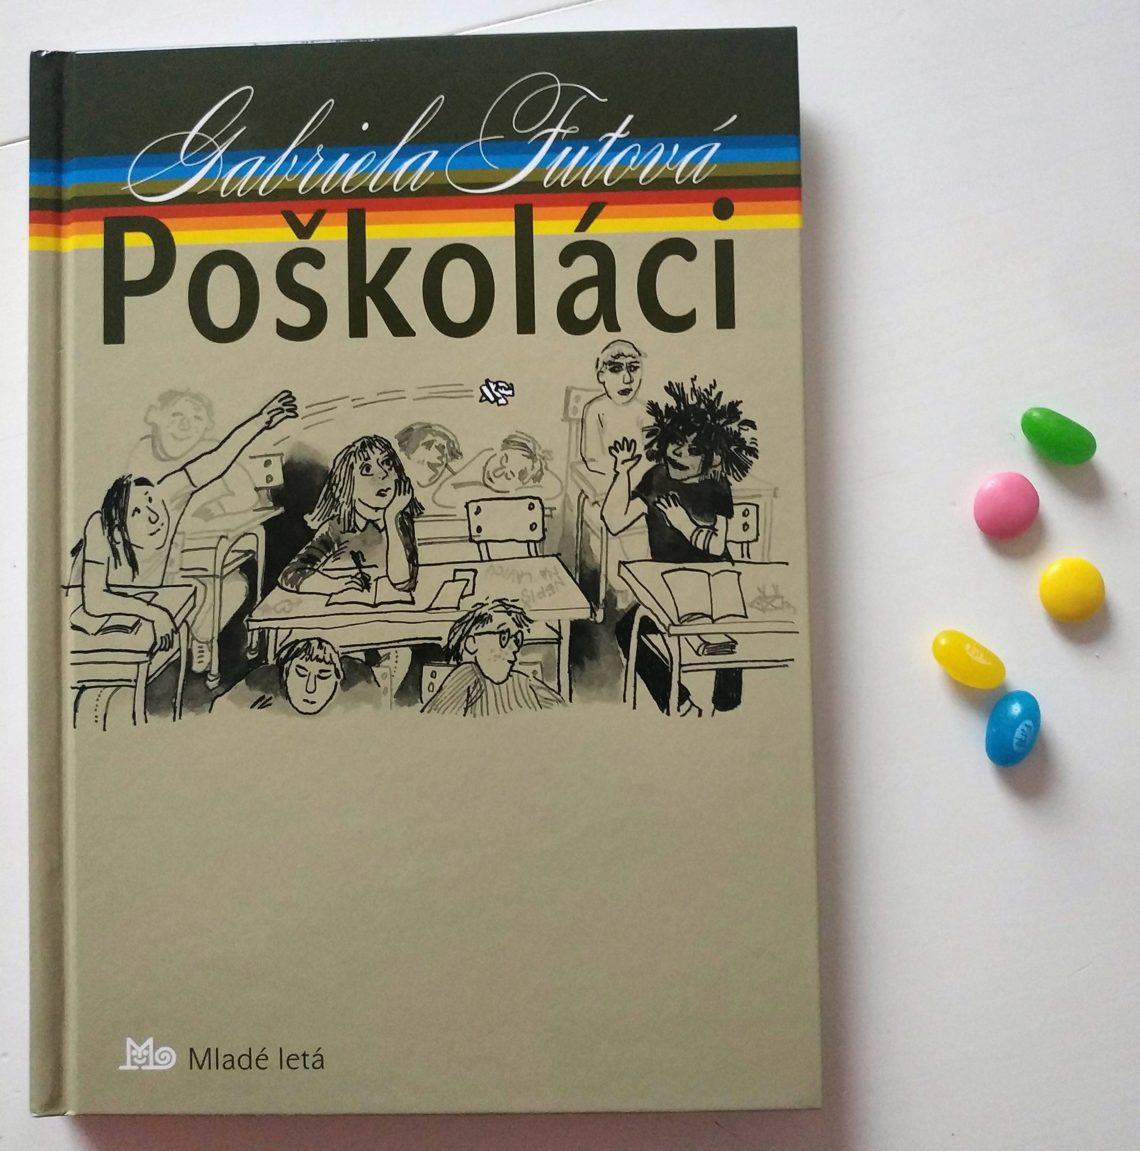 knihy pre dievčatá 9 rokov, kniha pre dievca 9 rokov, gabriela futova, poskolaci, fajcenie u deti, prevencia fajcenia u deti